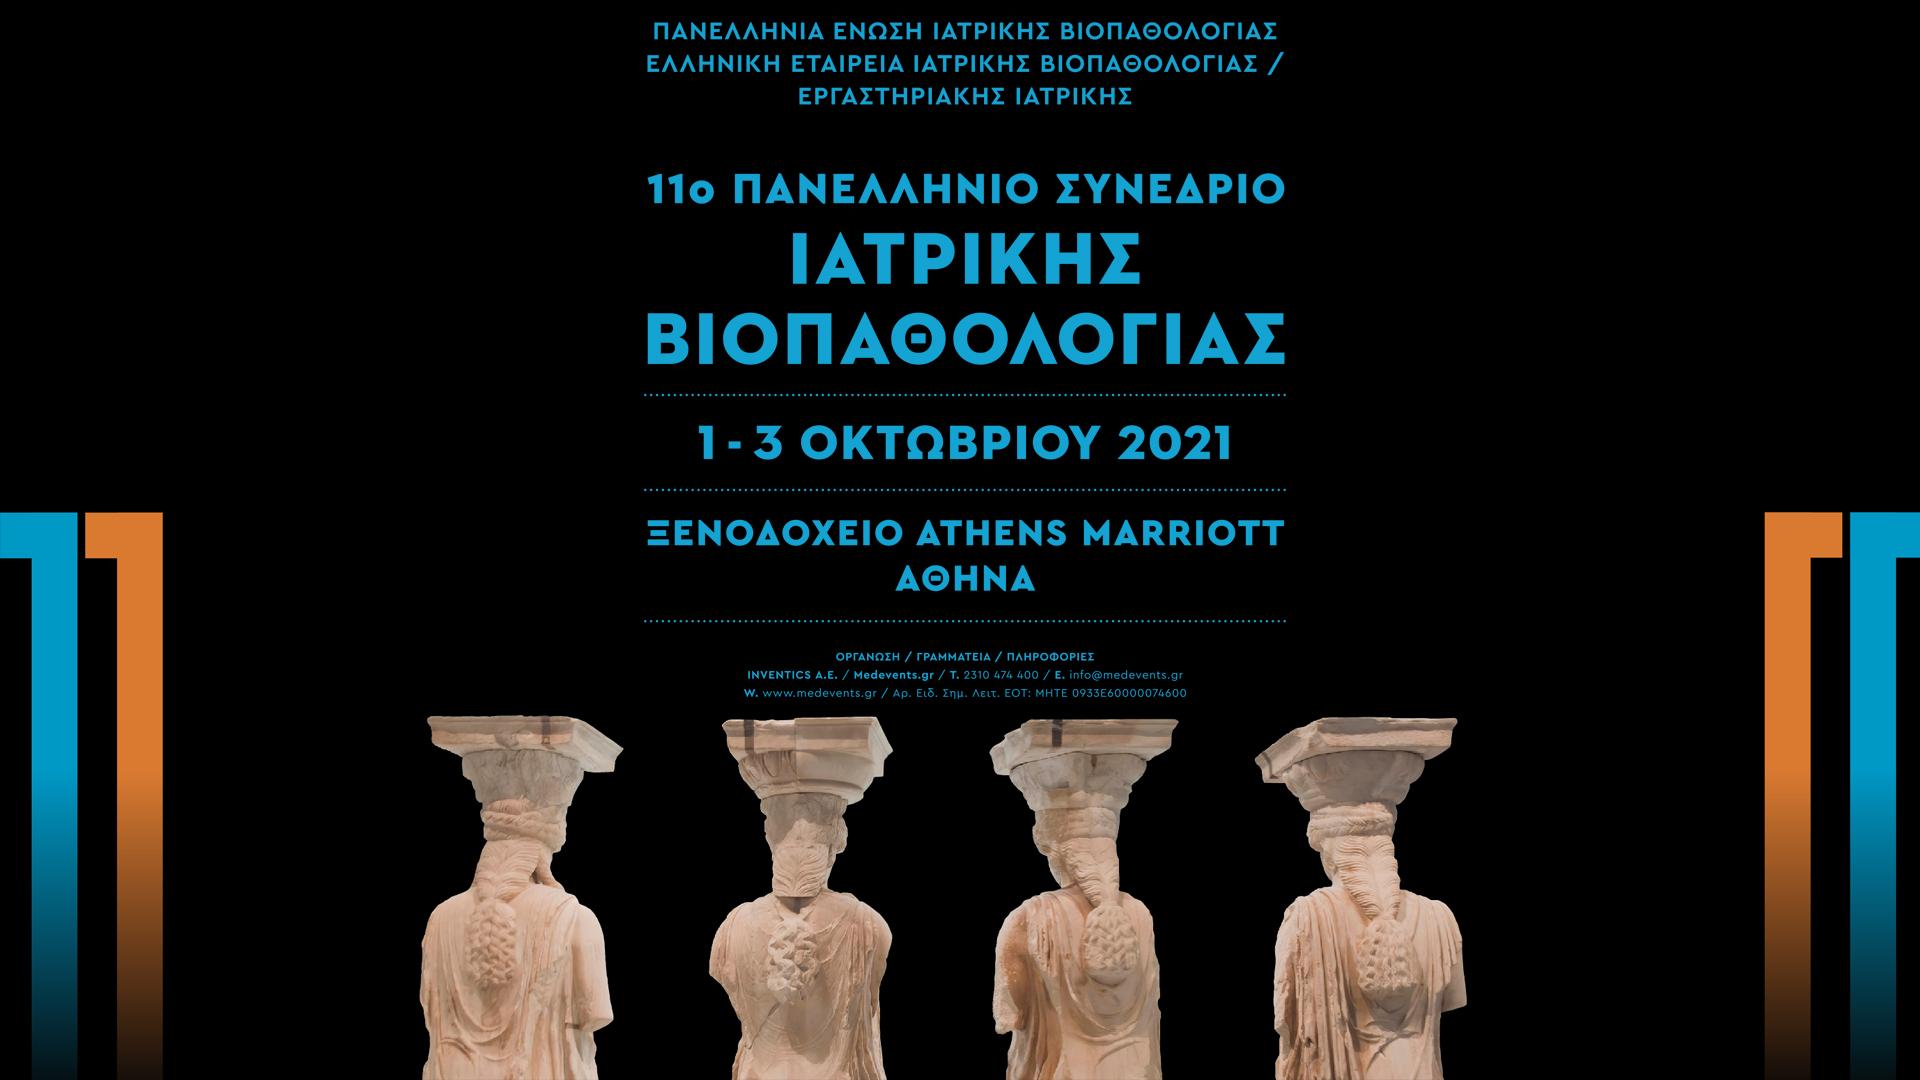 11ο Πανελλήνιο Συνέδριο Ιατρικής Βιοπαθολογίας